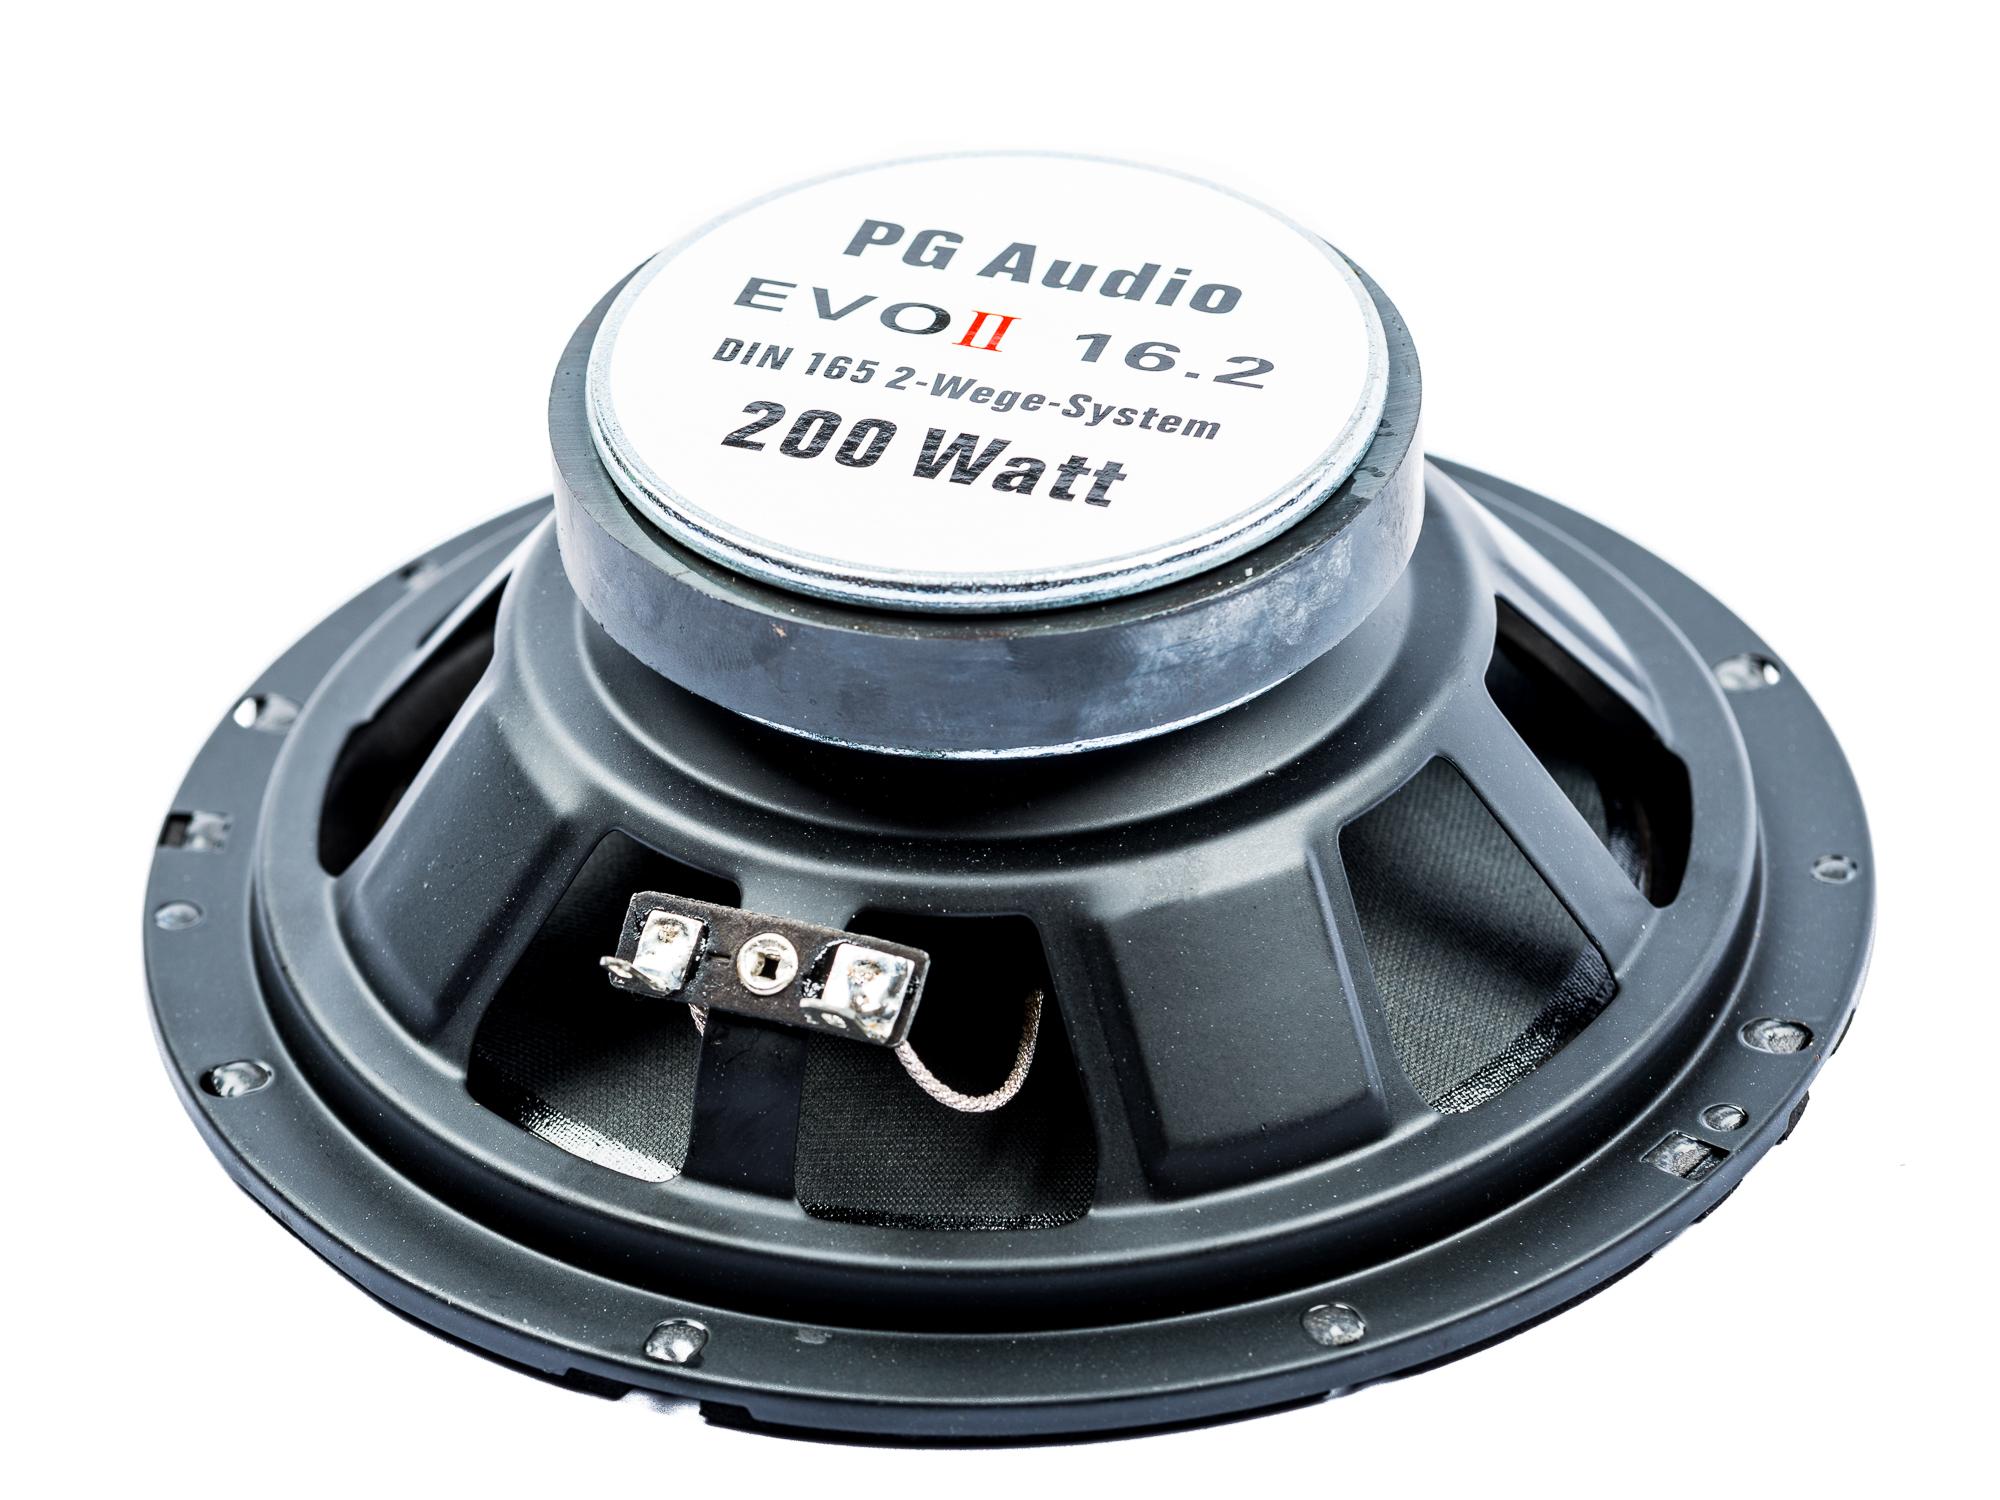 Citroen C3 Citroen C3 Picasso Lautsprecher Einbauset vorne PG Audio – Bild 3